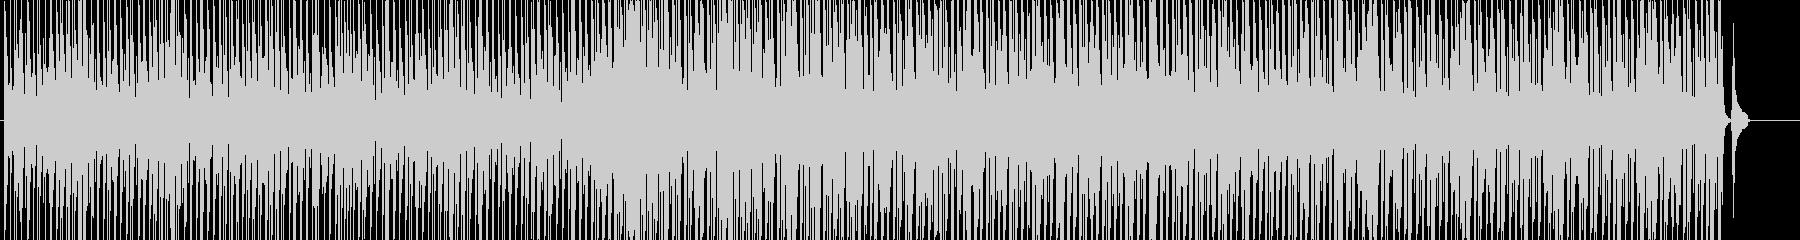 CM等-かわいい♪明るく行進するポップ曲の未再生の波形